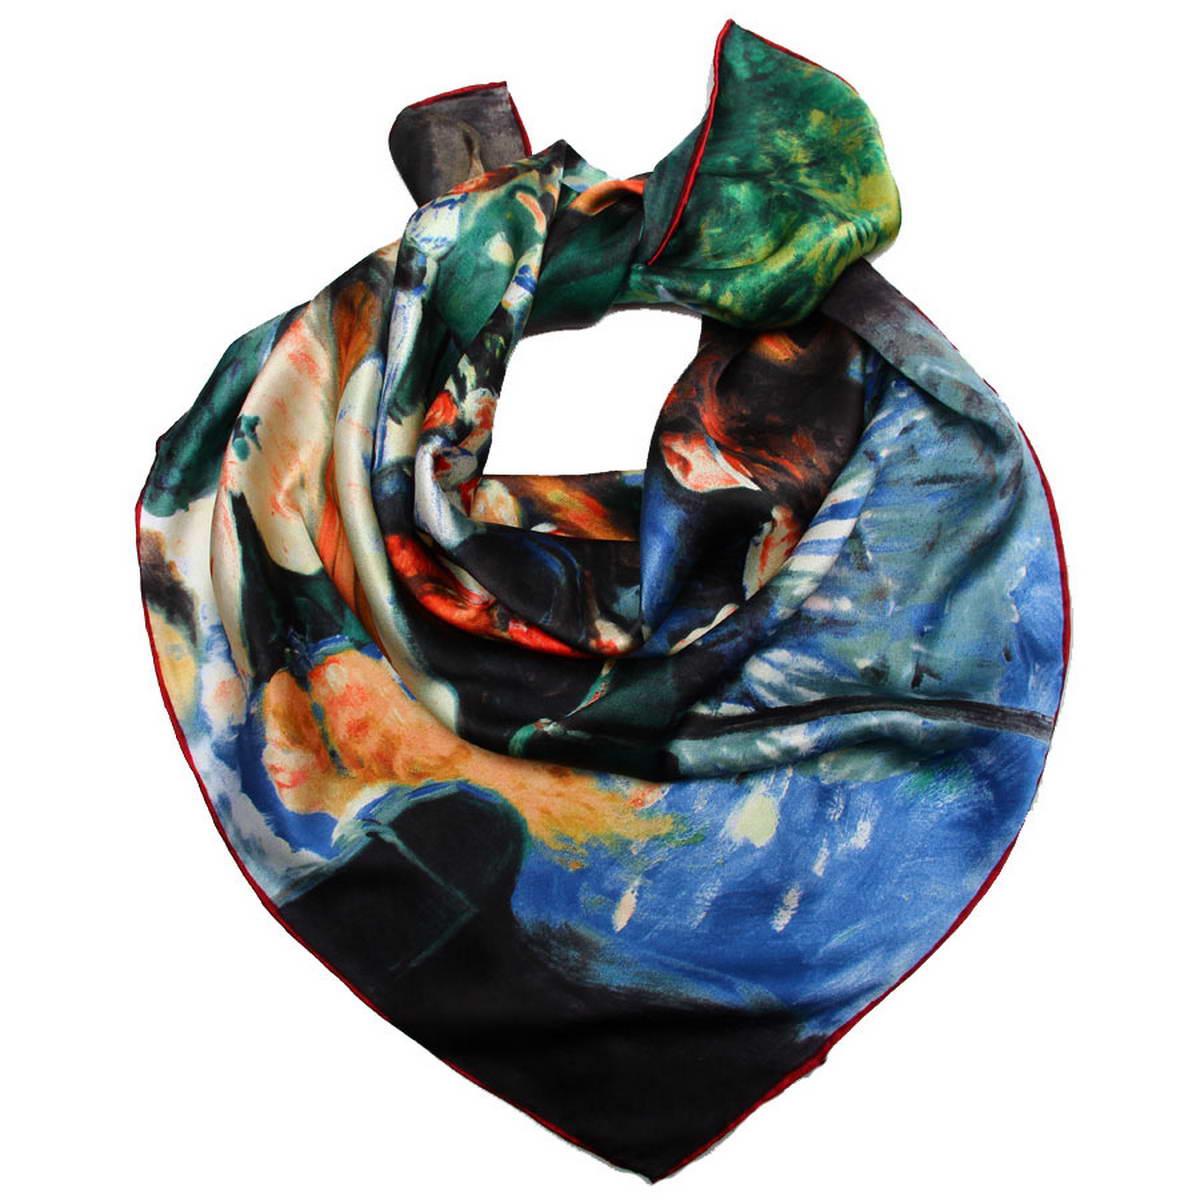 Платок женский. 1810912-21810912-2Изысканный женский платок Venera изготовлен из натурального шелка. Такой платок станет неотъемлемым элементом вашего гардероба. Платок оформлен изображением картины Пьера Огюста Ренуара Бал в Мулен де ла Галетт. Края изделия обработаны вручную. С таким аксессуаром вы всегда будете смотреться неповторимо и элегантно. Классическая квадратная форма позволяет носить платок на шее, украшать им прическу или декорировать сумочку. Платок Venera превосходно дополнит любой наряд и подчеркнет ваш неповторимый вкус.